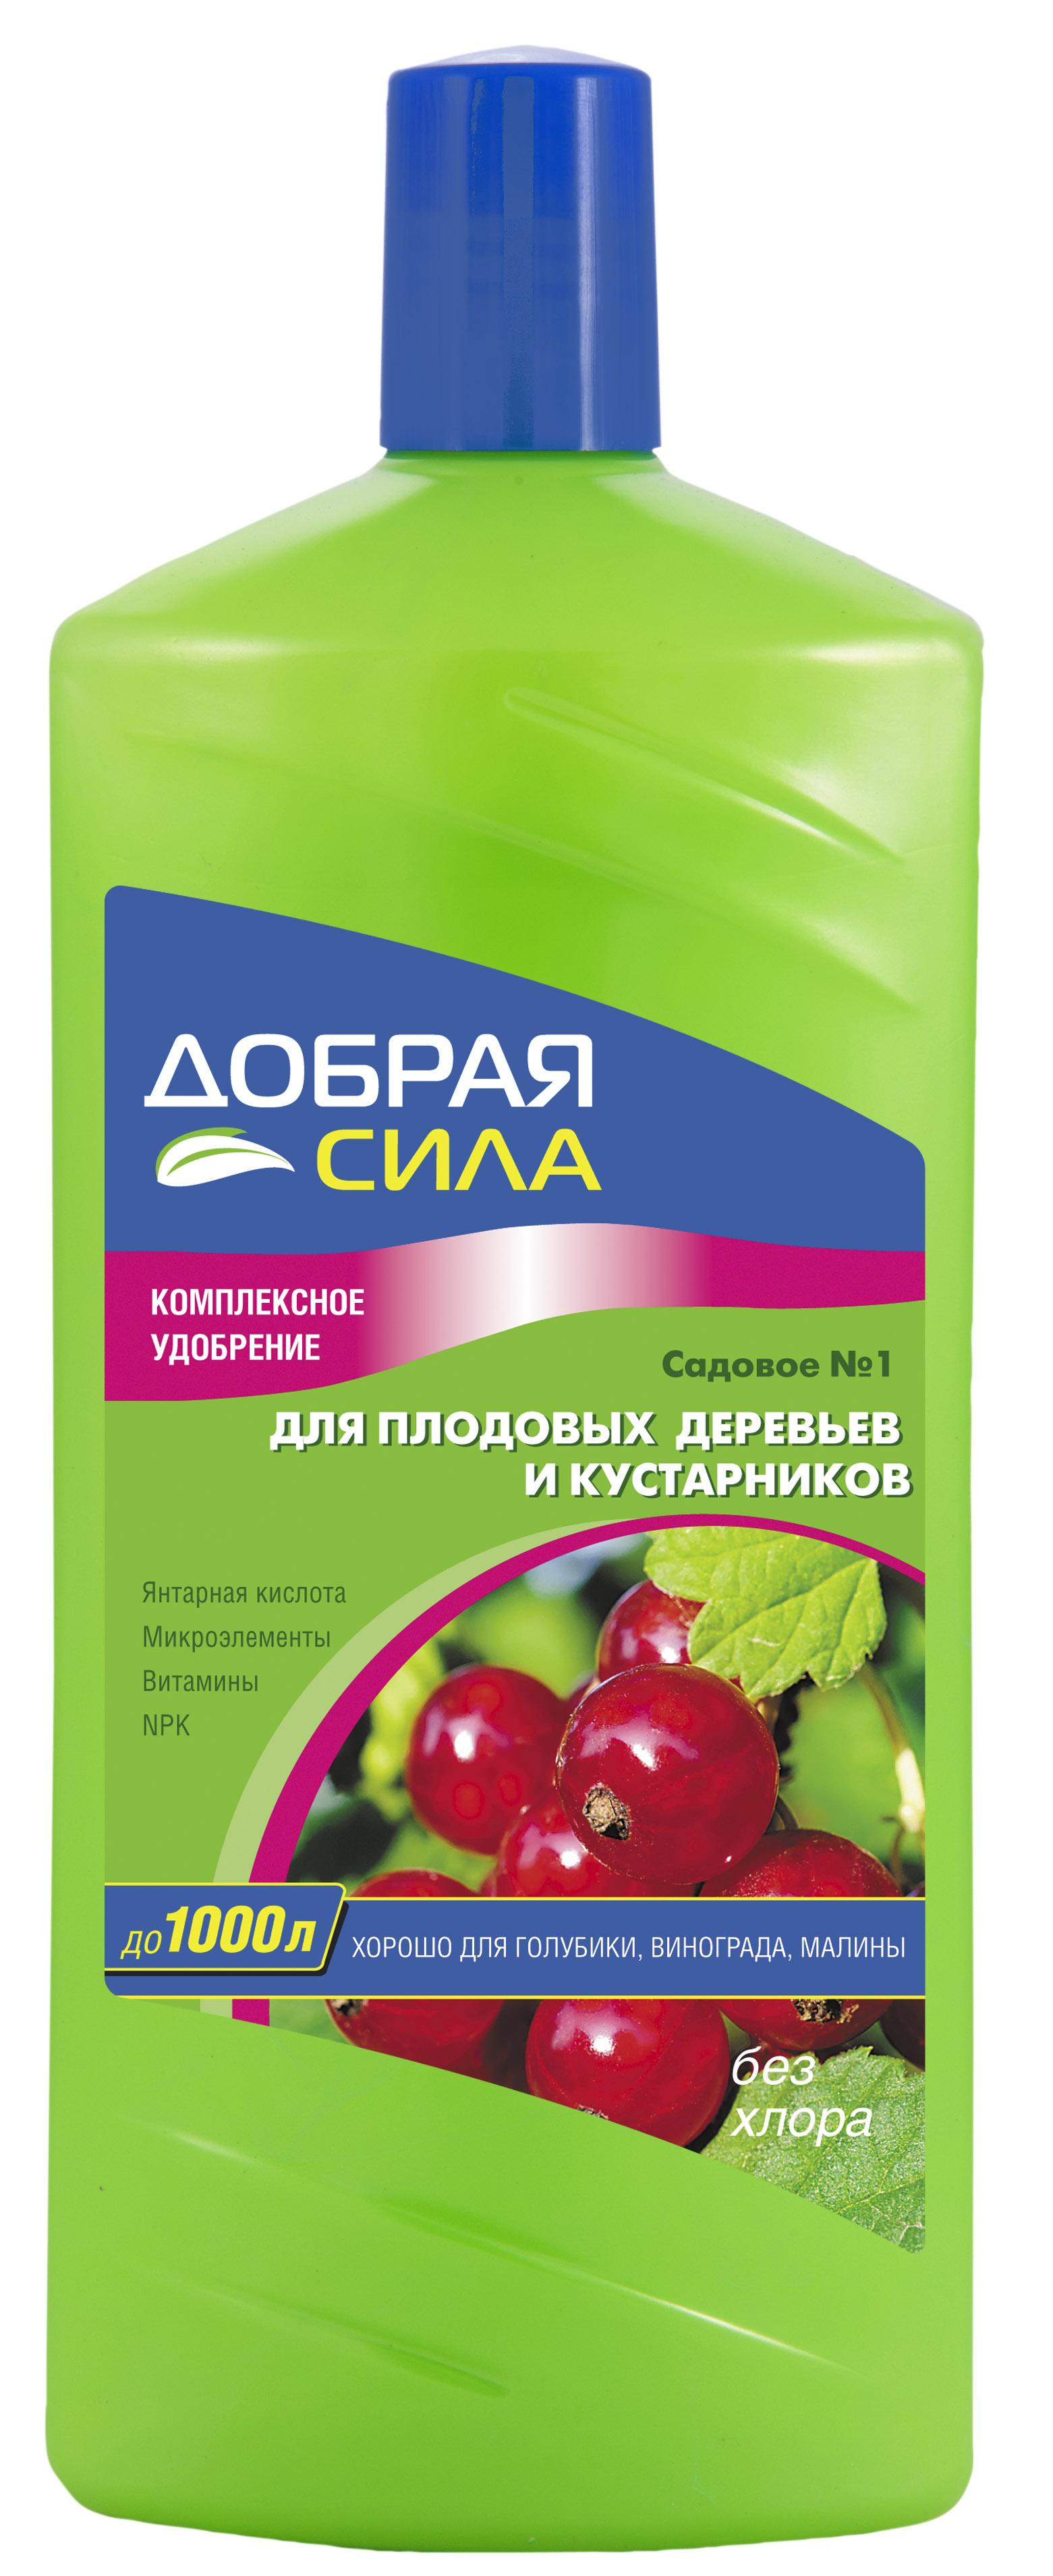 Жидкое комплексное удобрение Добрая Сила, для плодовых деревьев и кустарников, 1 л питание для растений 9 букв